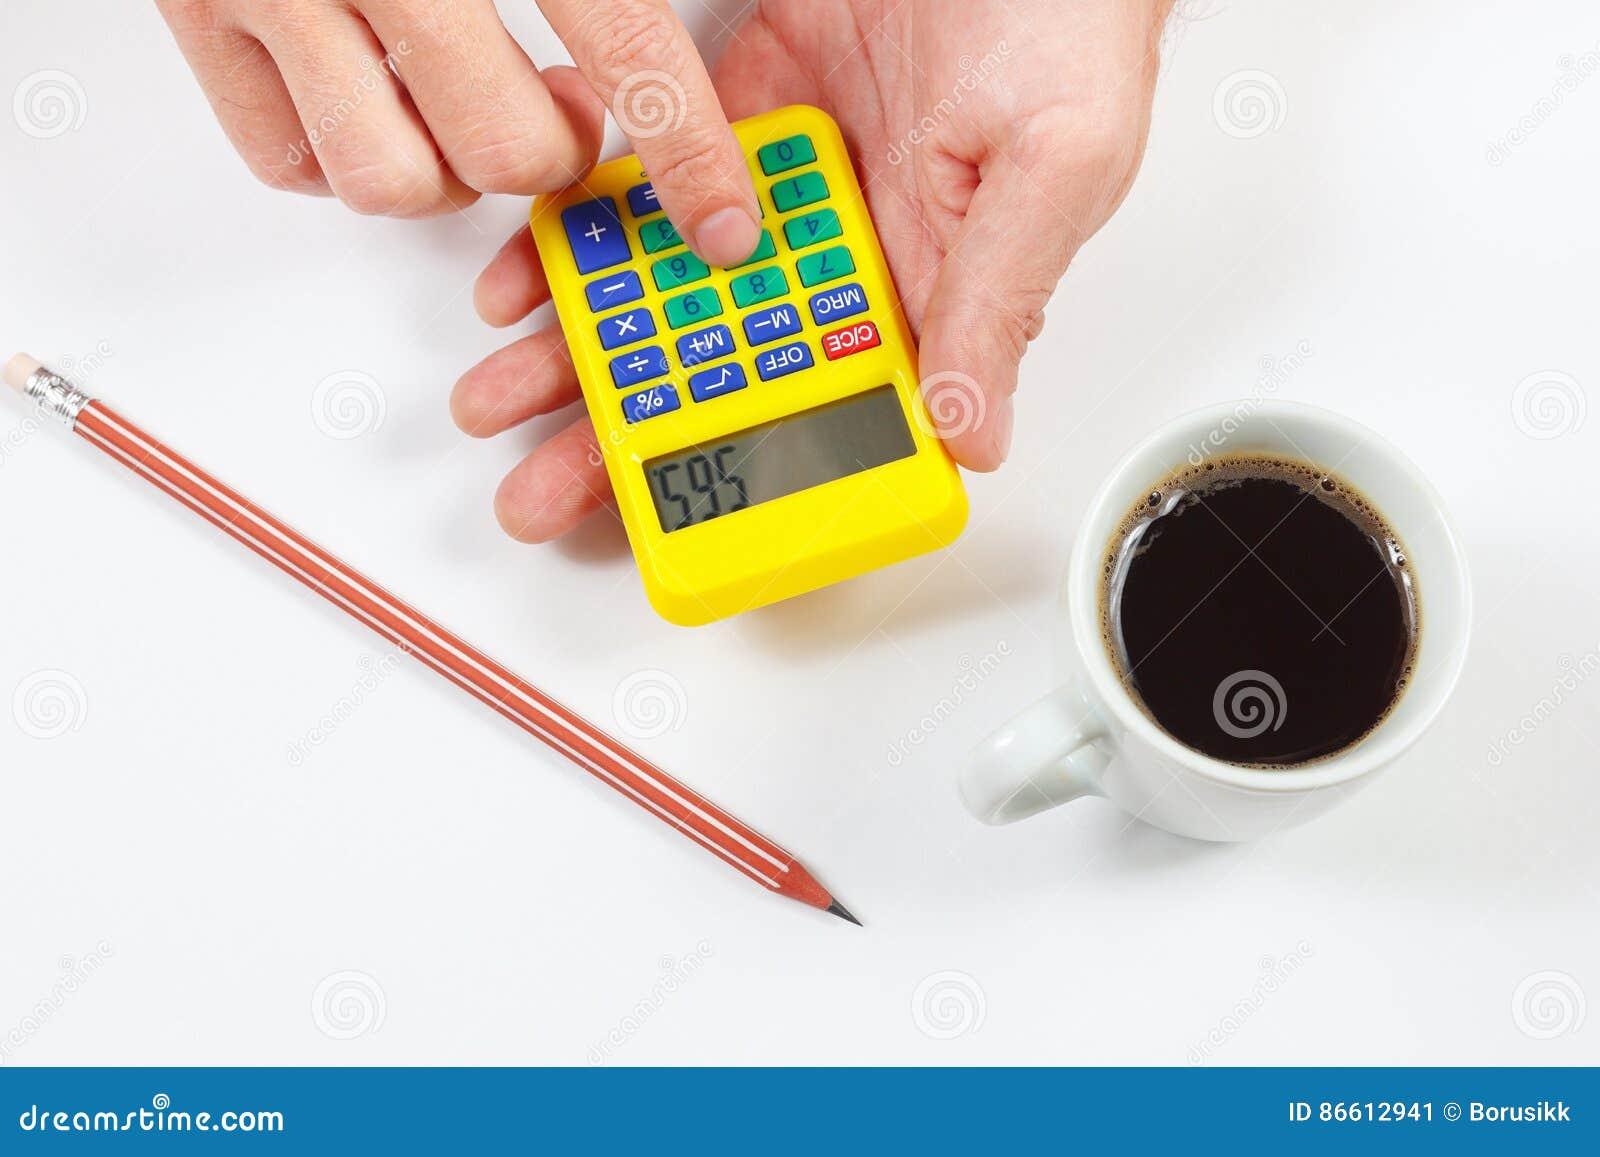 De handen berekenen het gebruiken van een zakcalculator op witte achtergrond